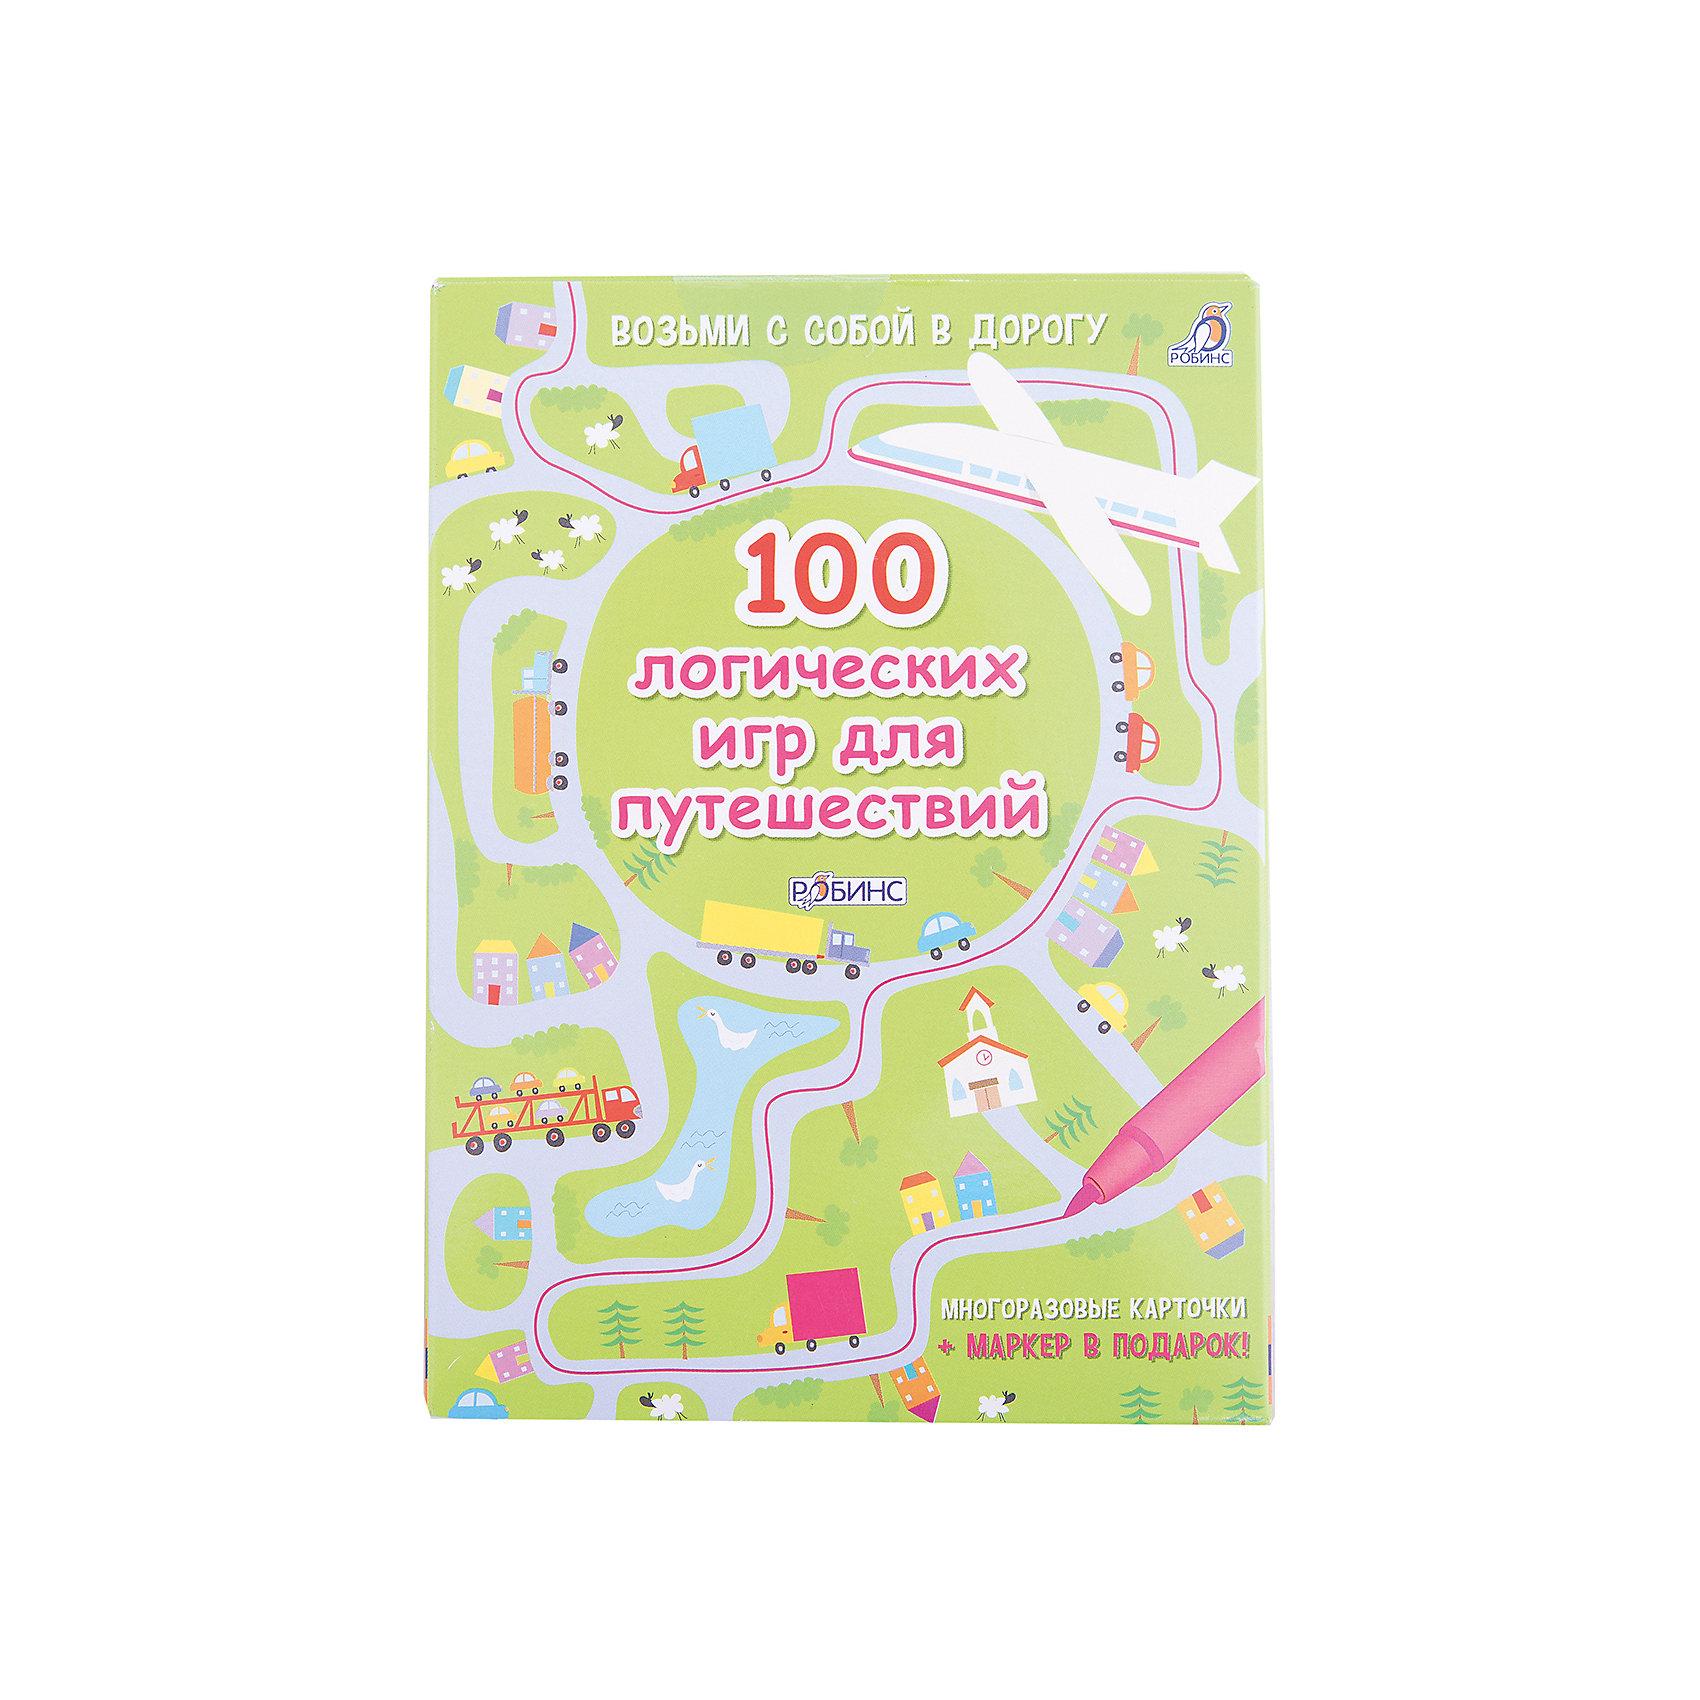 Карточки 100 логических игр для путешествийОбучающие карточки<br>Увлекательный набор «100 логических игр для путешествий» поможет маленькому путешественнику интересно и весело провести время во время длительных поездок. В наборе представлены специальные карточки с разнообразными играми, головоломками, заданиями для развития логики, смекалки и творческого мышления, а также маркер, которым можно рисовать и писать. Поверхность карточек обладает стирающимися свойствами: пометки и рисунки сделанные на них легко стираются.<br><br>Дополнительная информация:<br><br>- Художник: Н. Фигг.<br>- Иллюстрации: цветные.<br>- Объем: 50 карточек в картонной коробке. <br>- Размер упаковки: 15,5 х 11,5 х 2,5 см.<br>- Вес: 0,295 кг. <br><br>Набор Асборн - карточек 100 логических игр для путешествий, Робинс можно купить в нашем интернет-магазине.<br><br>Ширина мм: 155<br>Глубина мм: 25<br>Высота мм: 115<br>Вес г: 295<br>Возраст от месяцев: 36<br>Возраст до месяцев: 60<br>Пол: Унисекс<br>Возраст: Детский<br>SKU: 3733252